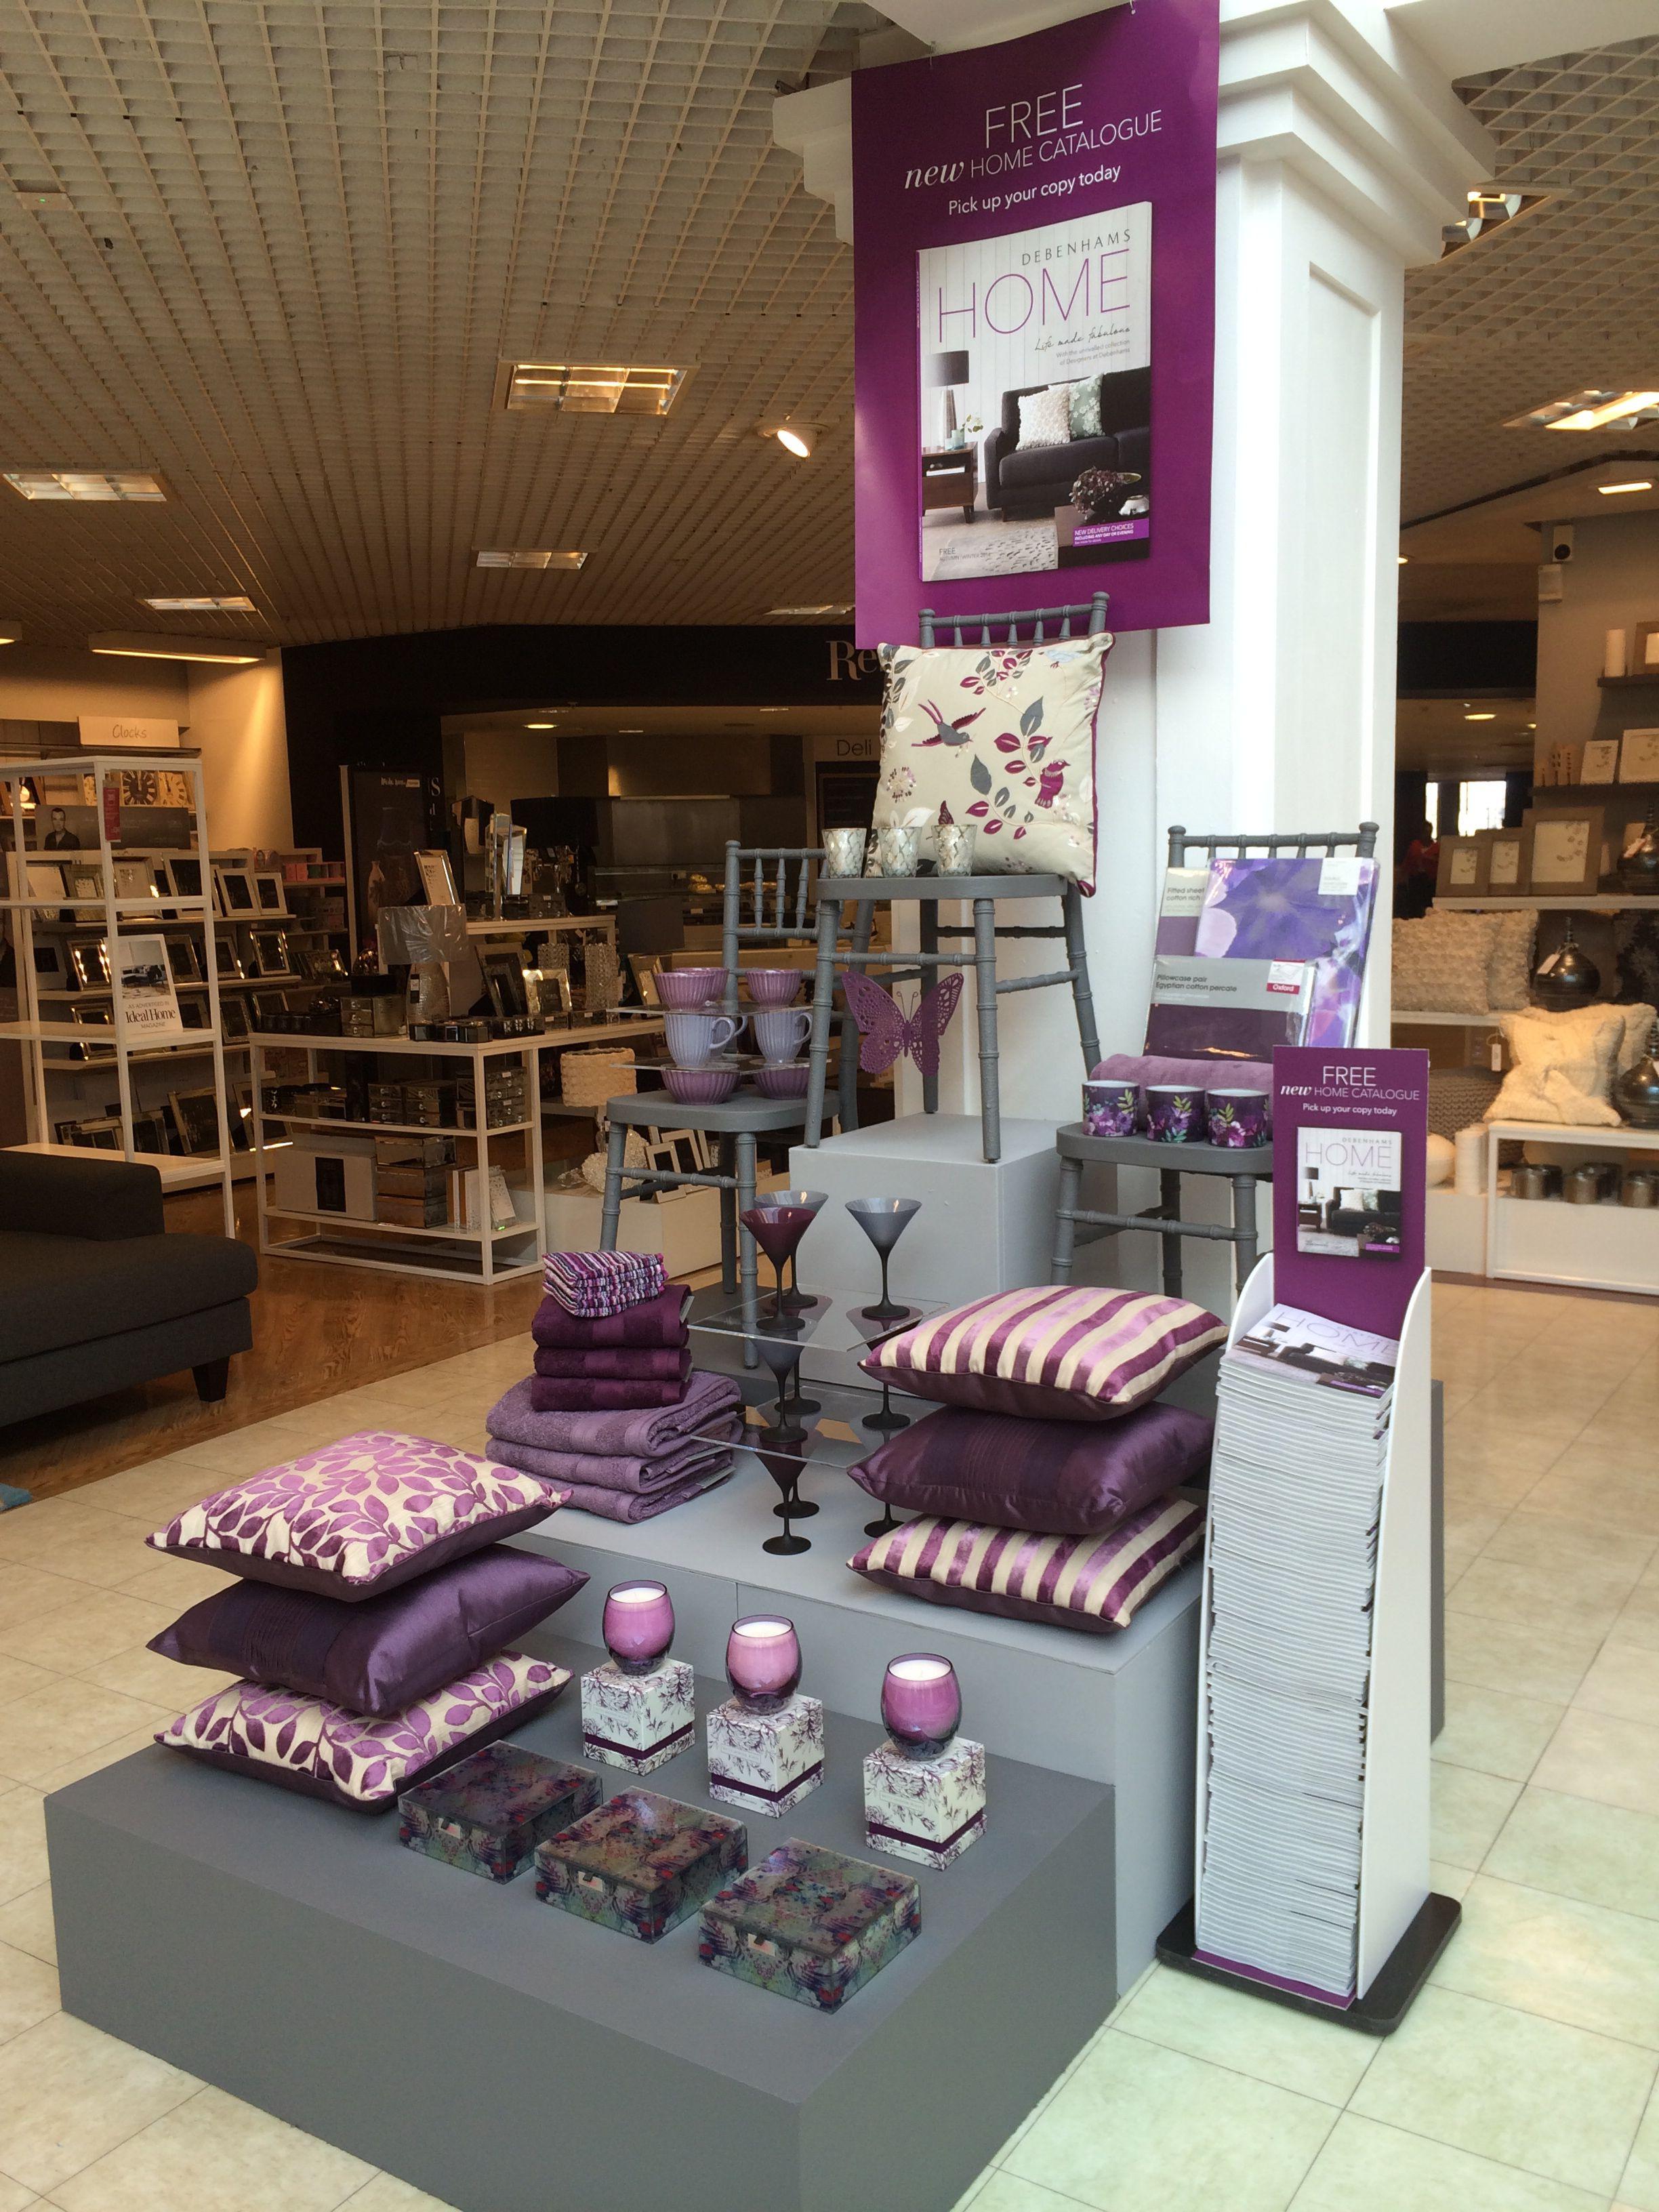 Debenhams Glasgow Home Hotspot Highlighting The Pink Berry Trend In Collaboratio Escaparate De Vitrina De Tienda Interiores De Tienda Escaparates De Tienda